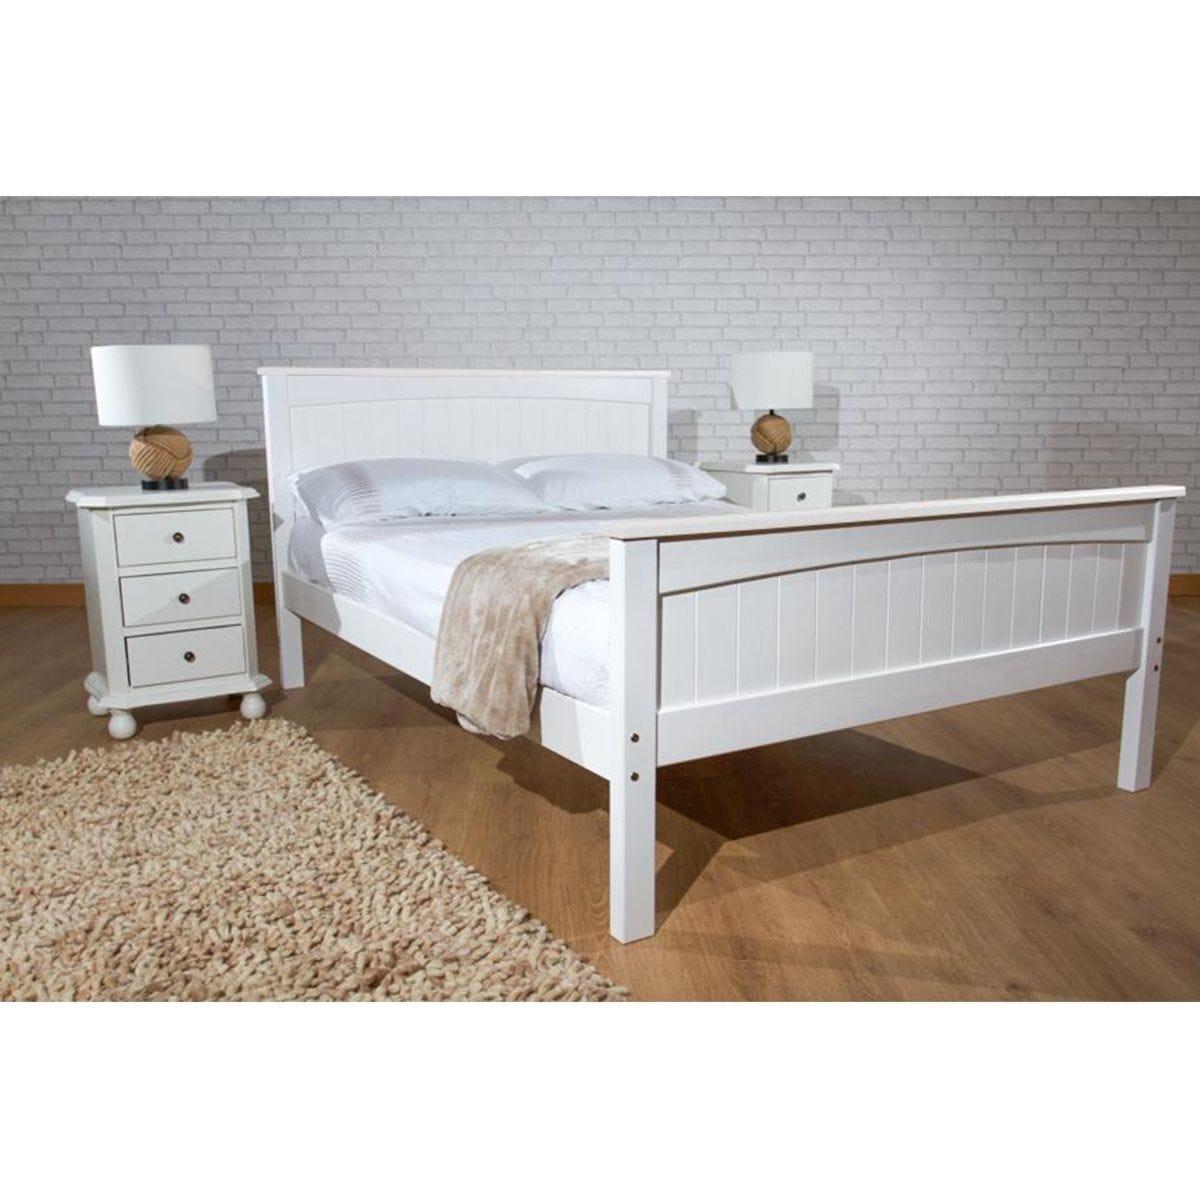 Dunte Bed Frame - White